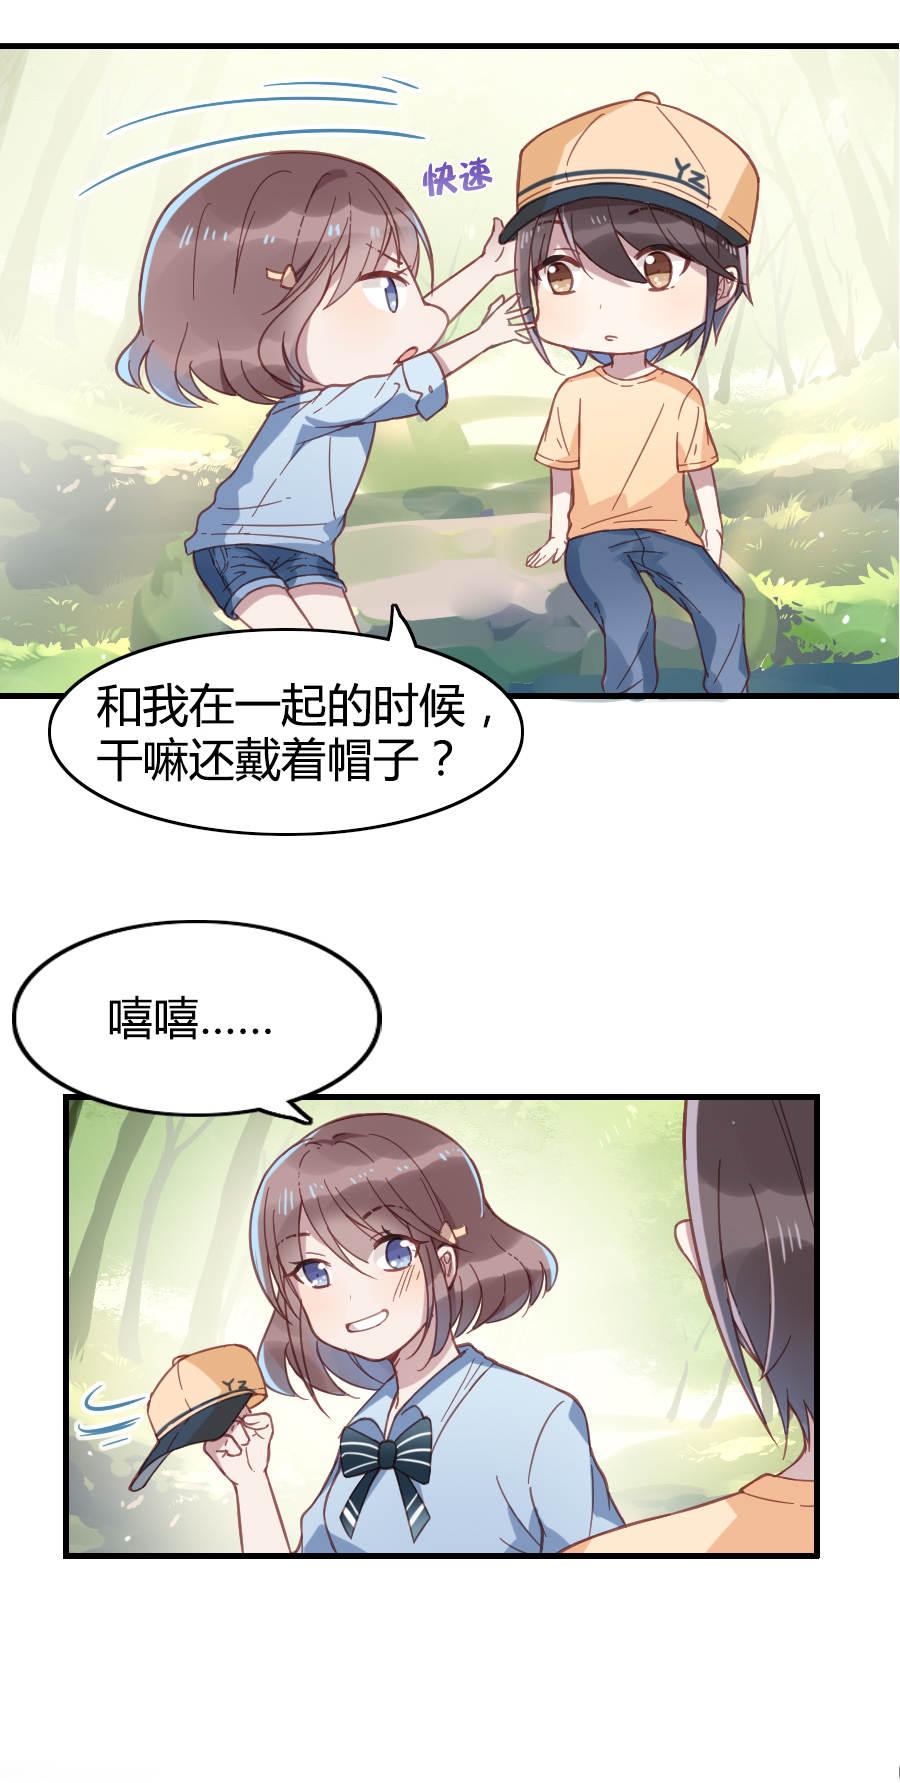 少年游第10话  麋鹿呀麋鹿 柚子柚子!! 第 26